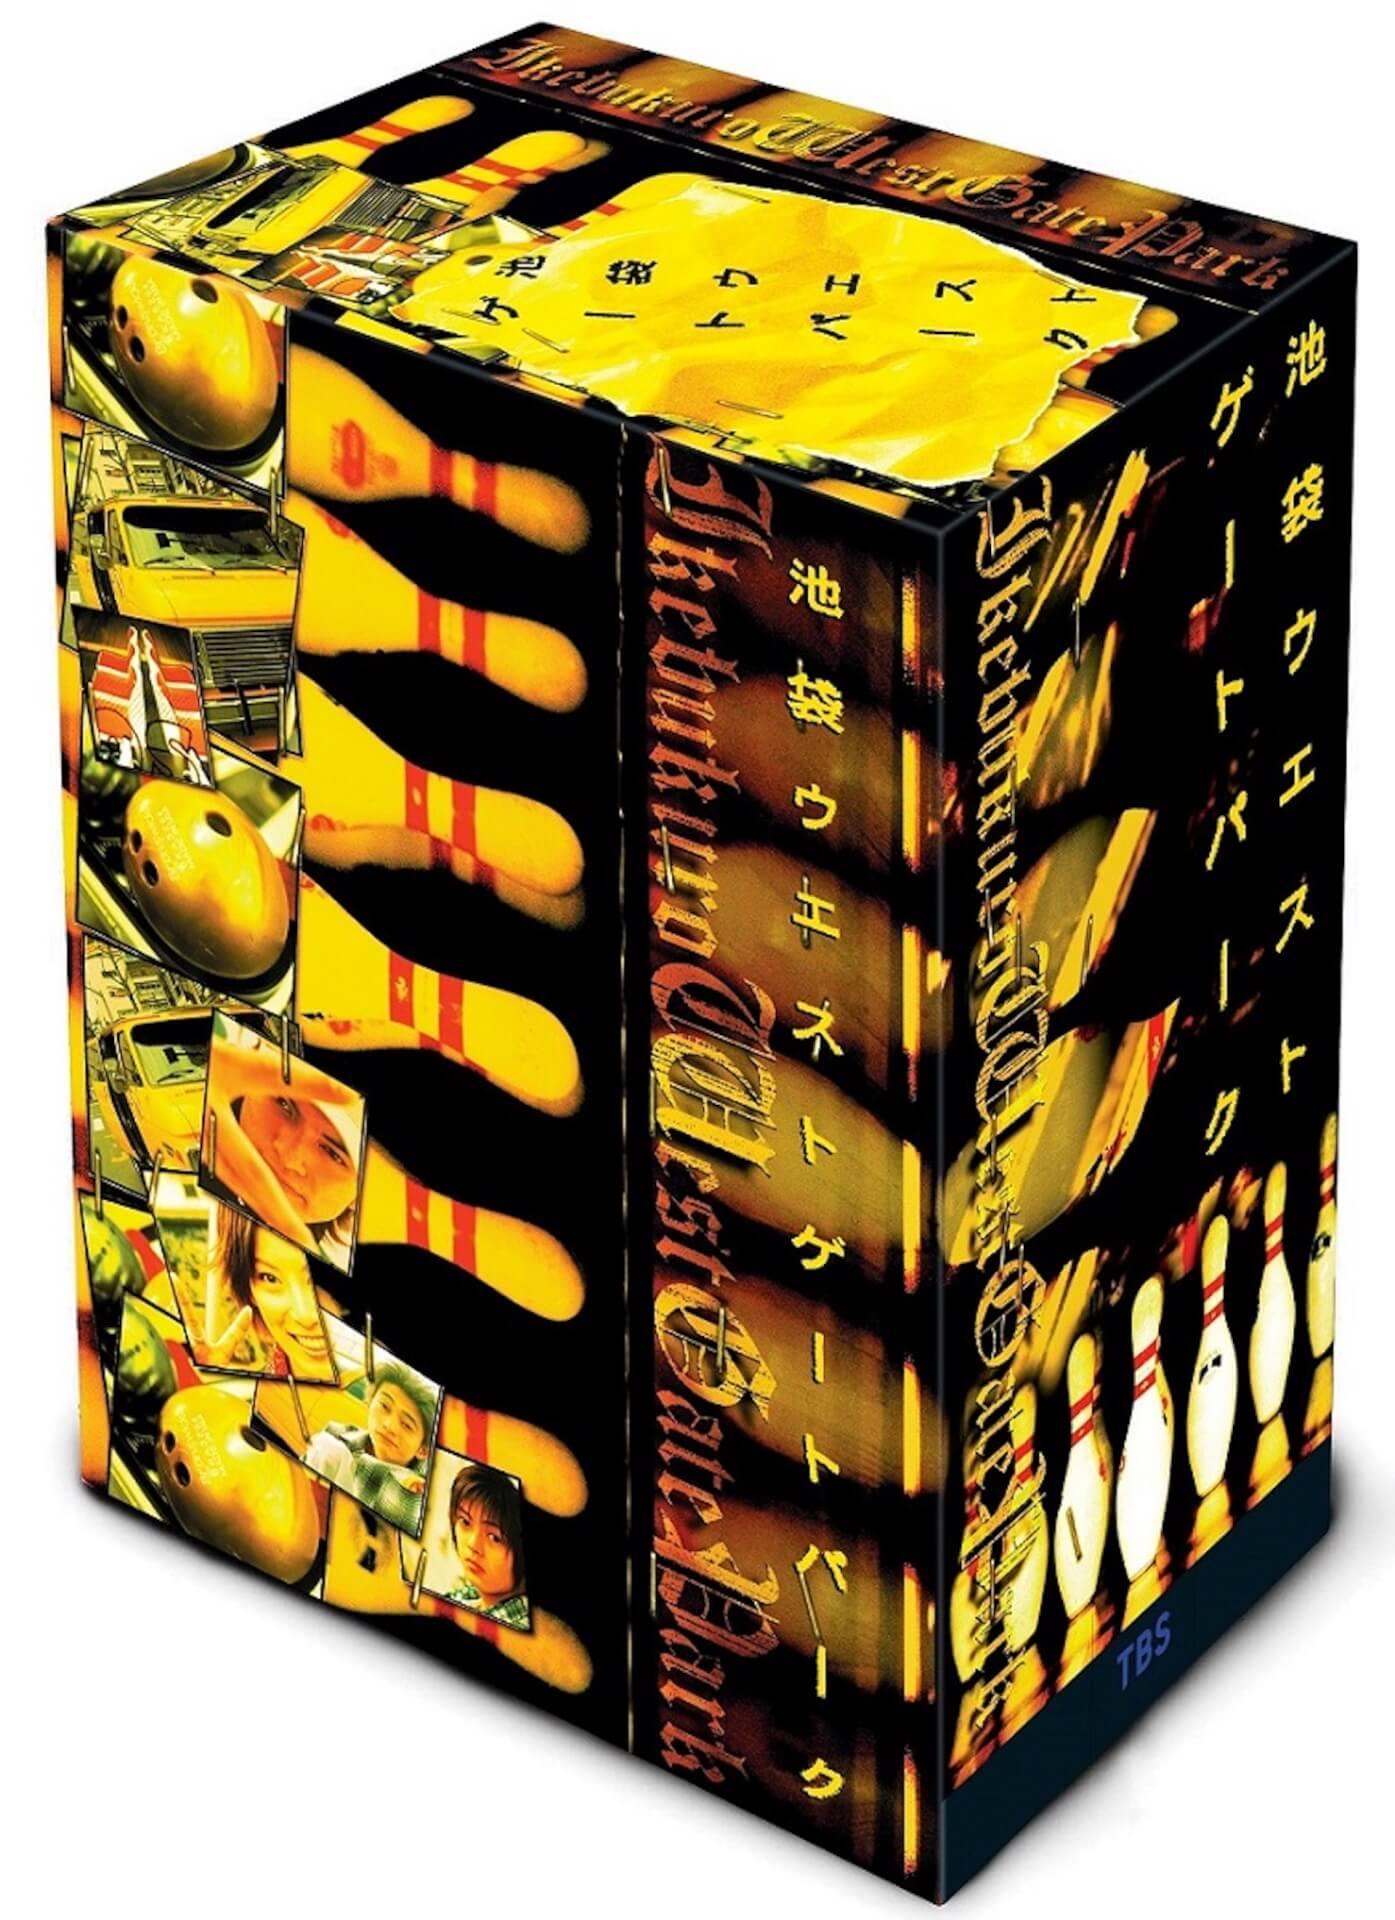 『池袋ウエストゲートパーク』のBlu-rayボックスが発売決定!連続ドラマ&「スープの回」も収録 art210927_iwgp_bluray_1